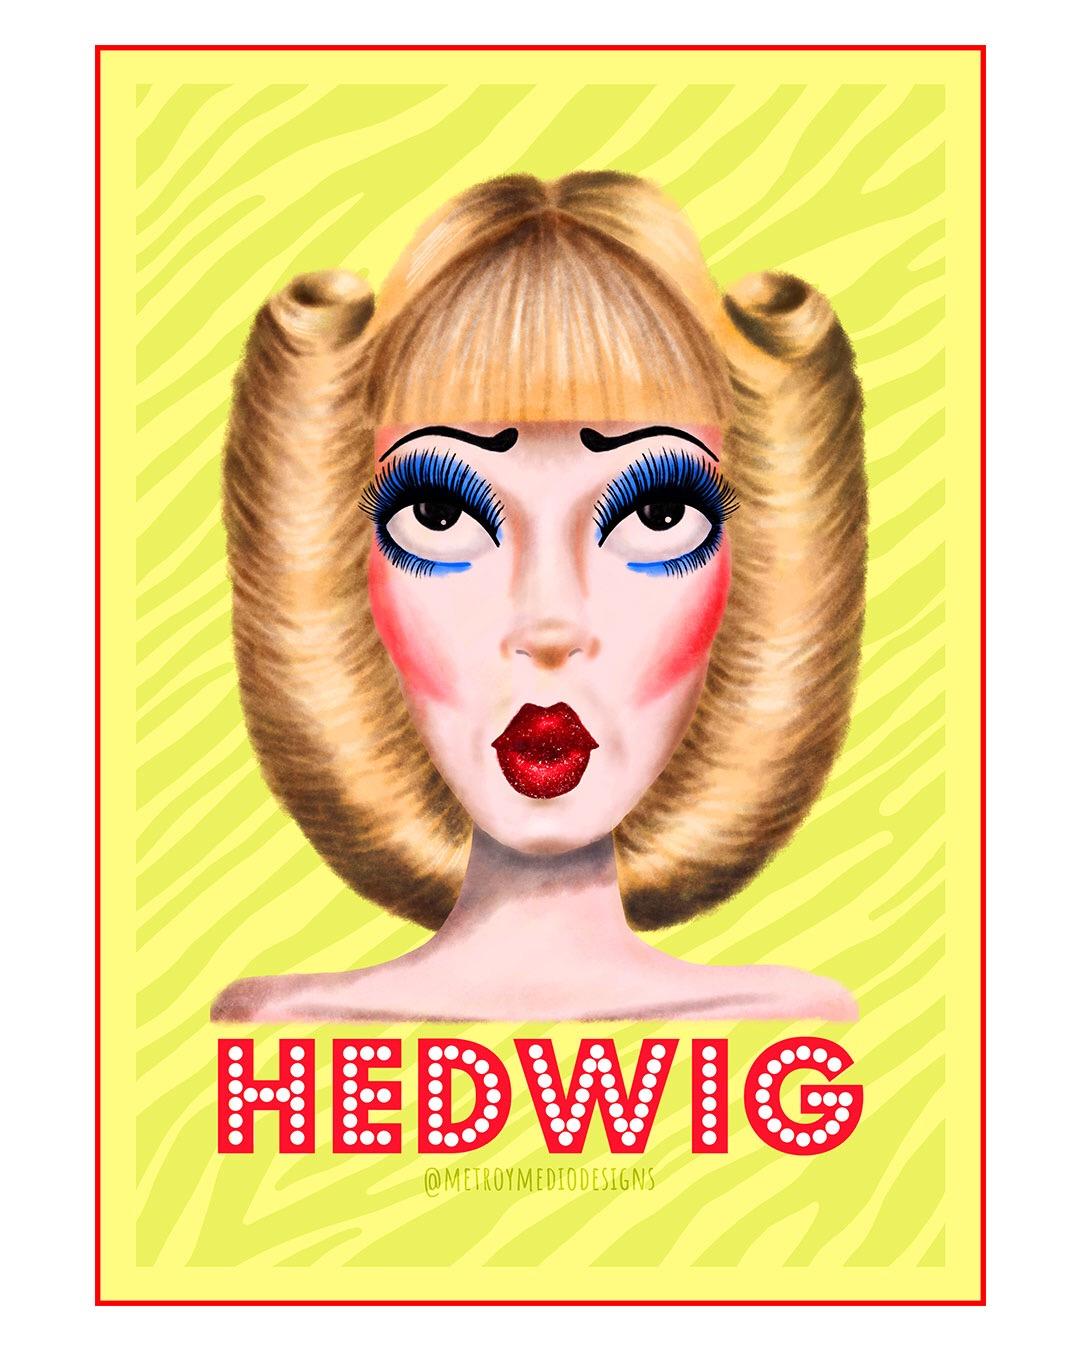 Ilustración digital de Hedwig, de la película Hedwign and the angry inch, con maquillaje drag y peluca rubia con enormes recogidos laterles en forma de rizo.. Inspirada en Neil Patrick Harris.